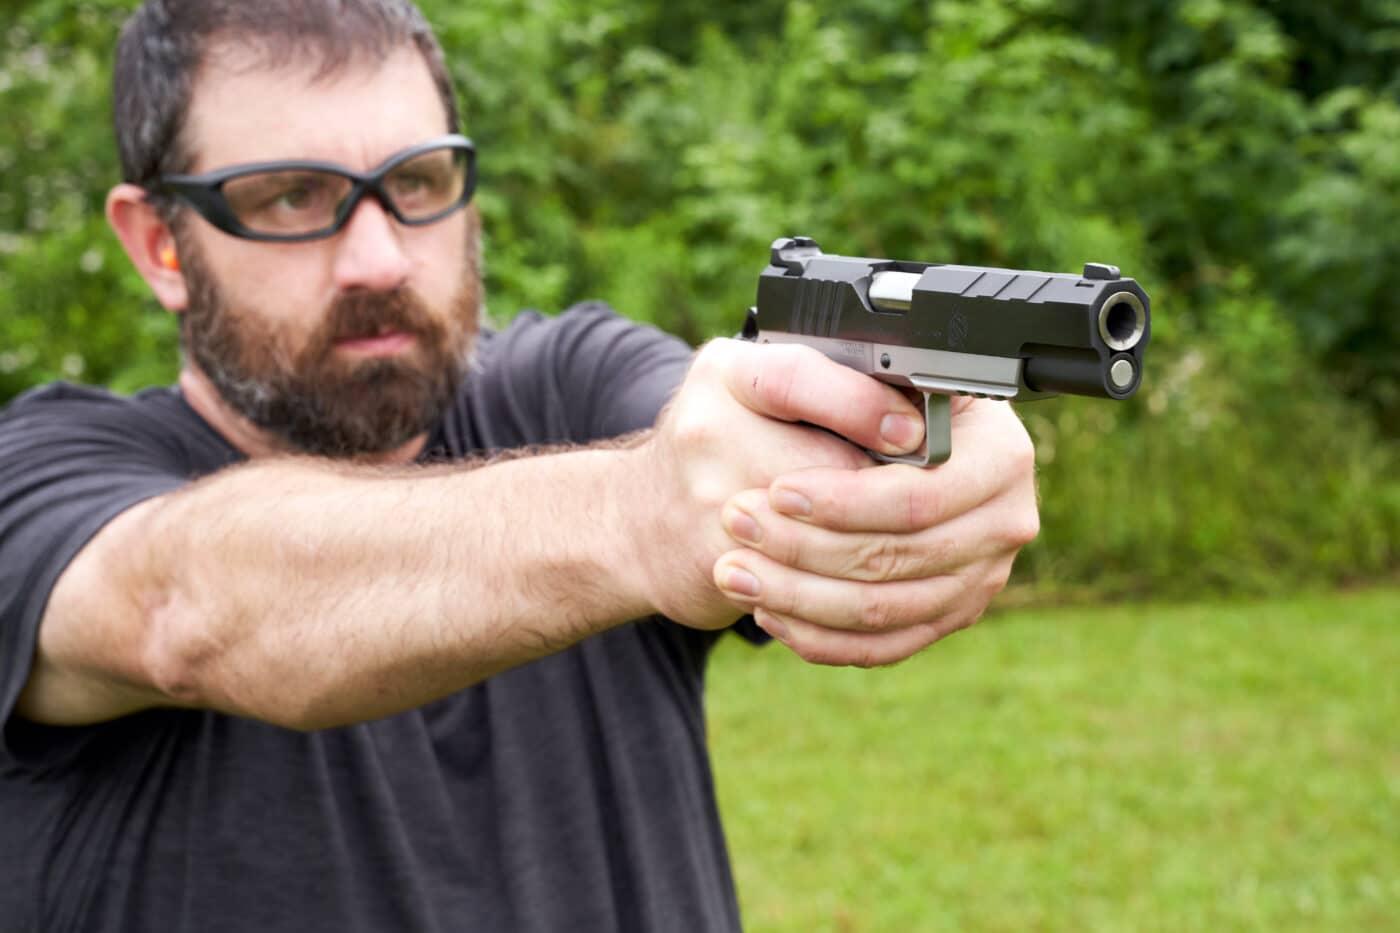 Man shooting the SA Emissary on the range